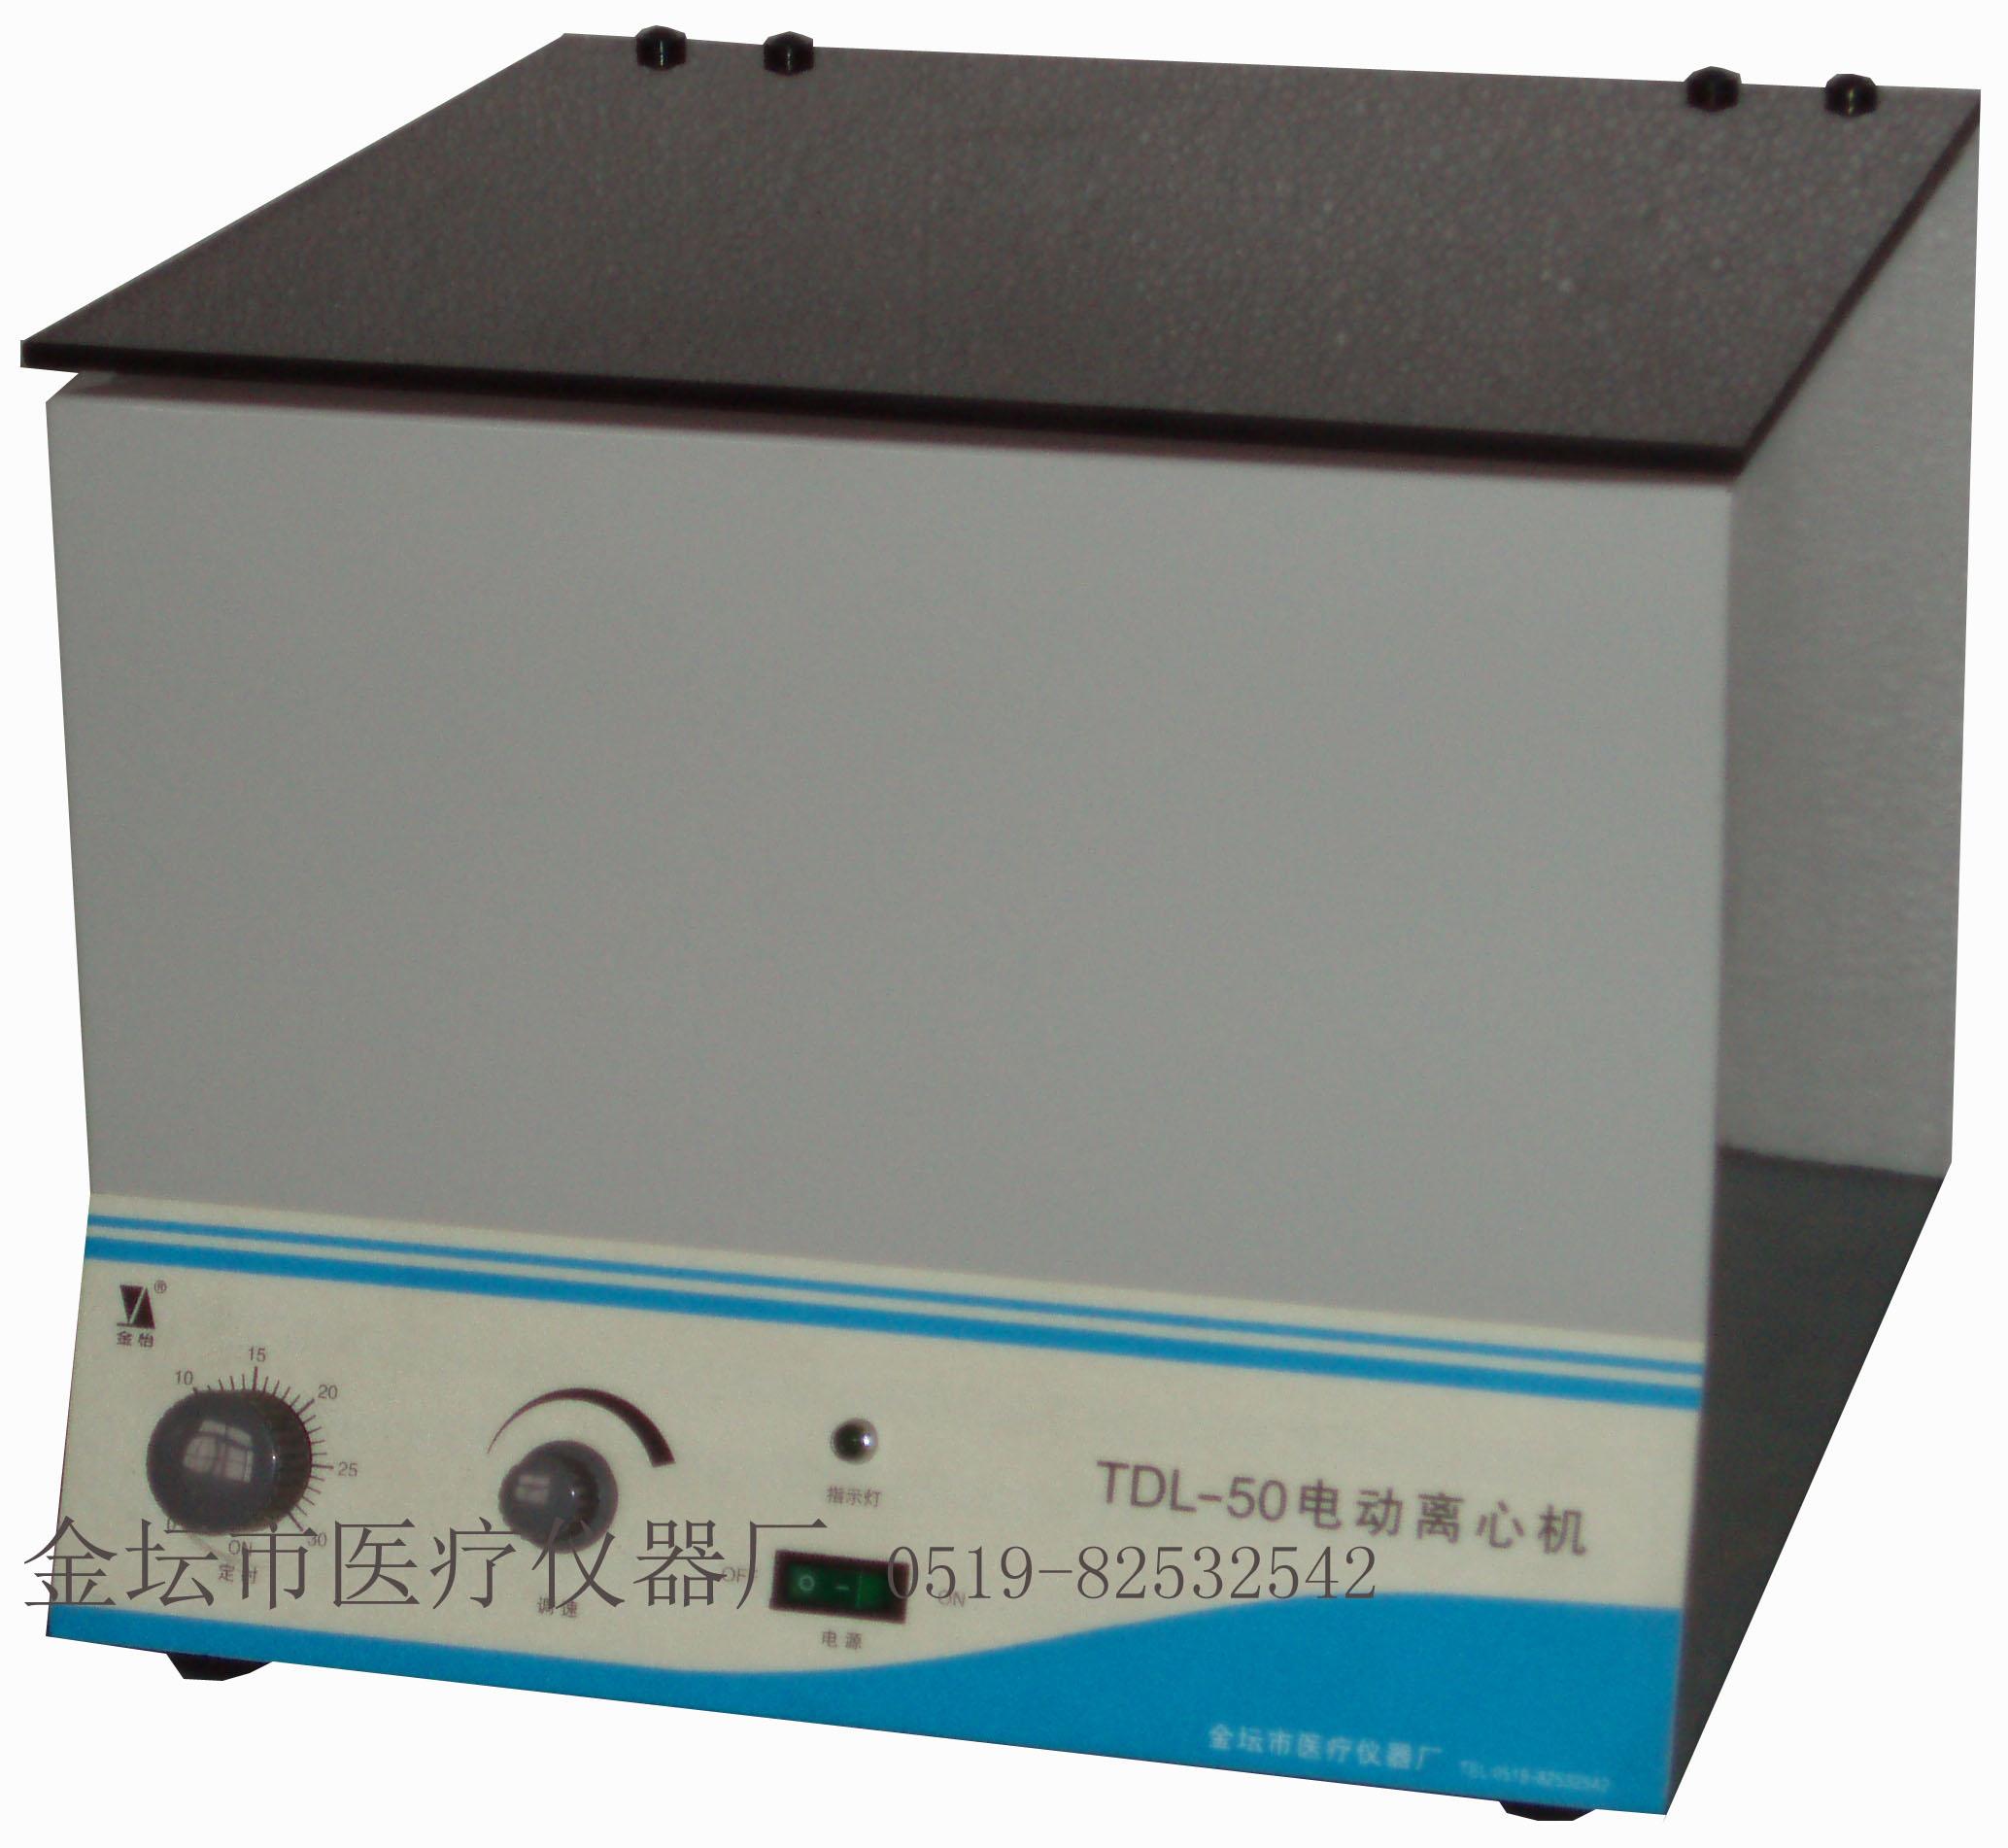 江苏金坛TDL-50 电动离心机